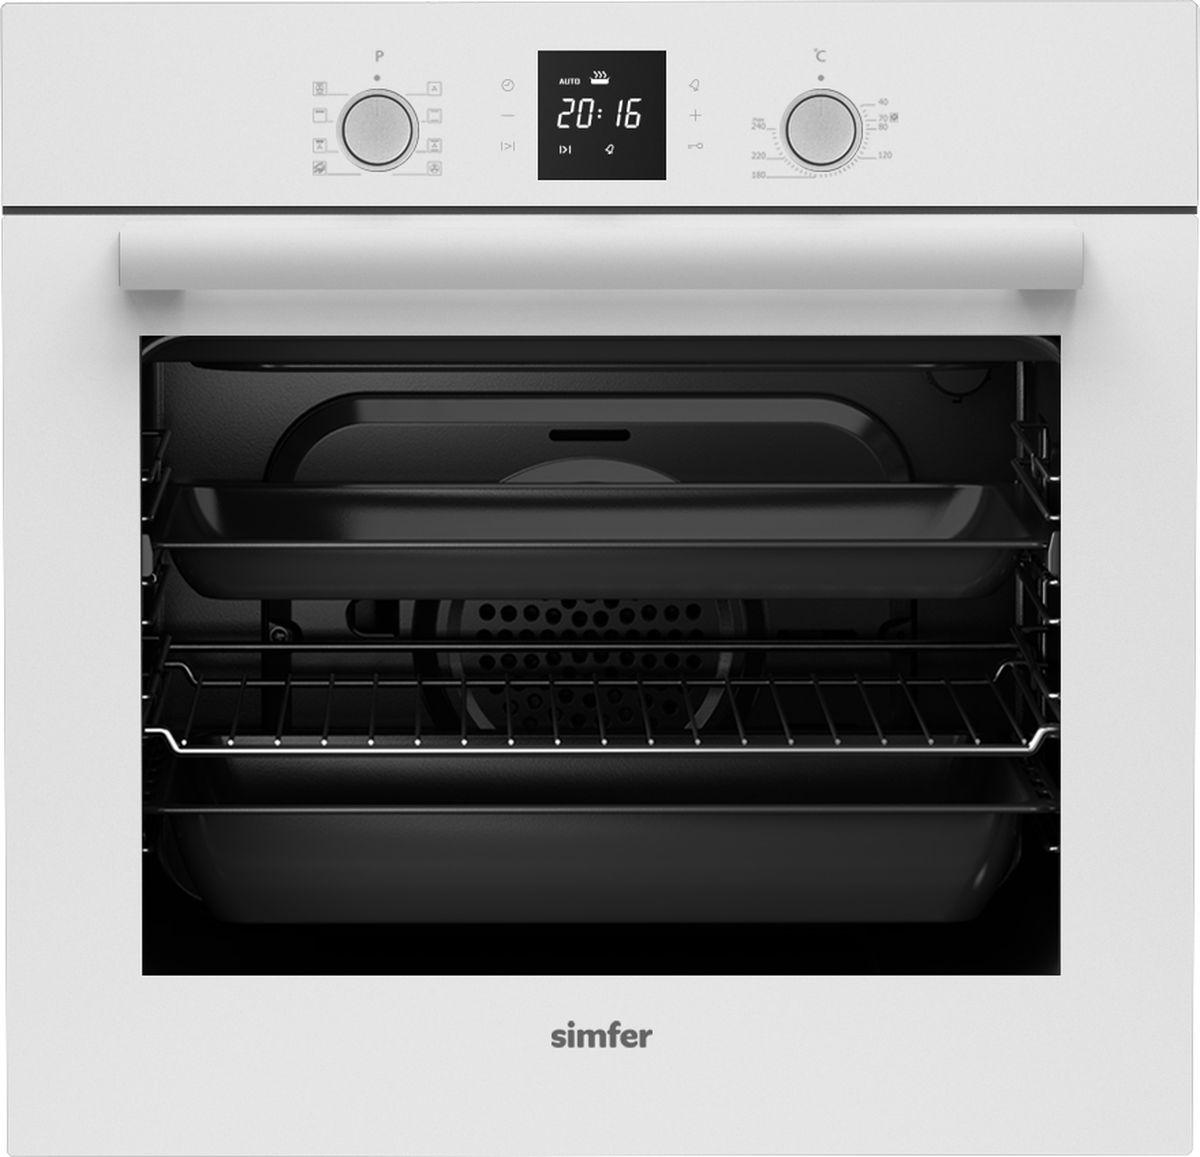 Электрический духовой шкаф встраиваемый Simfer B6EC68011, White